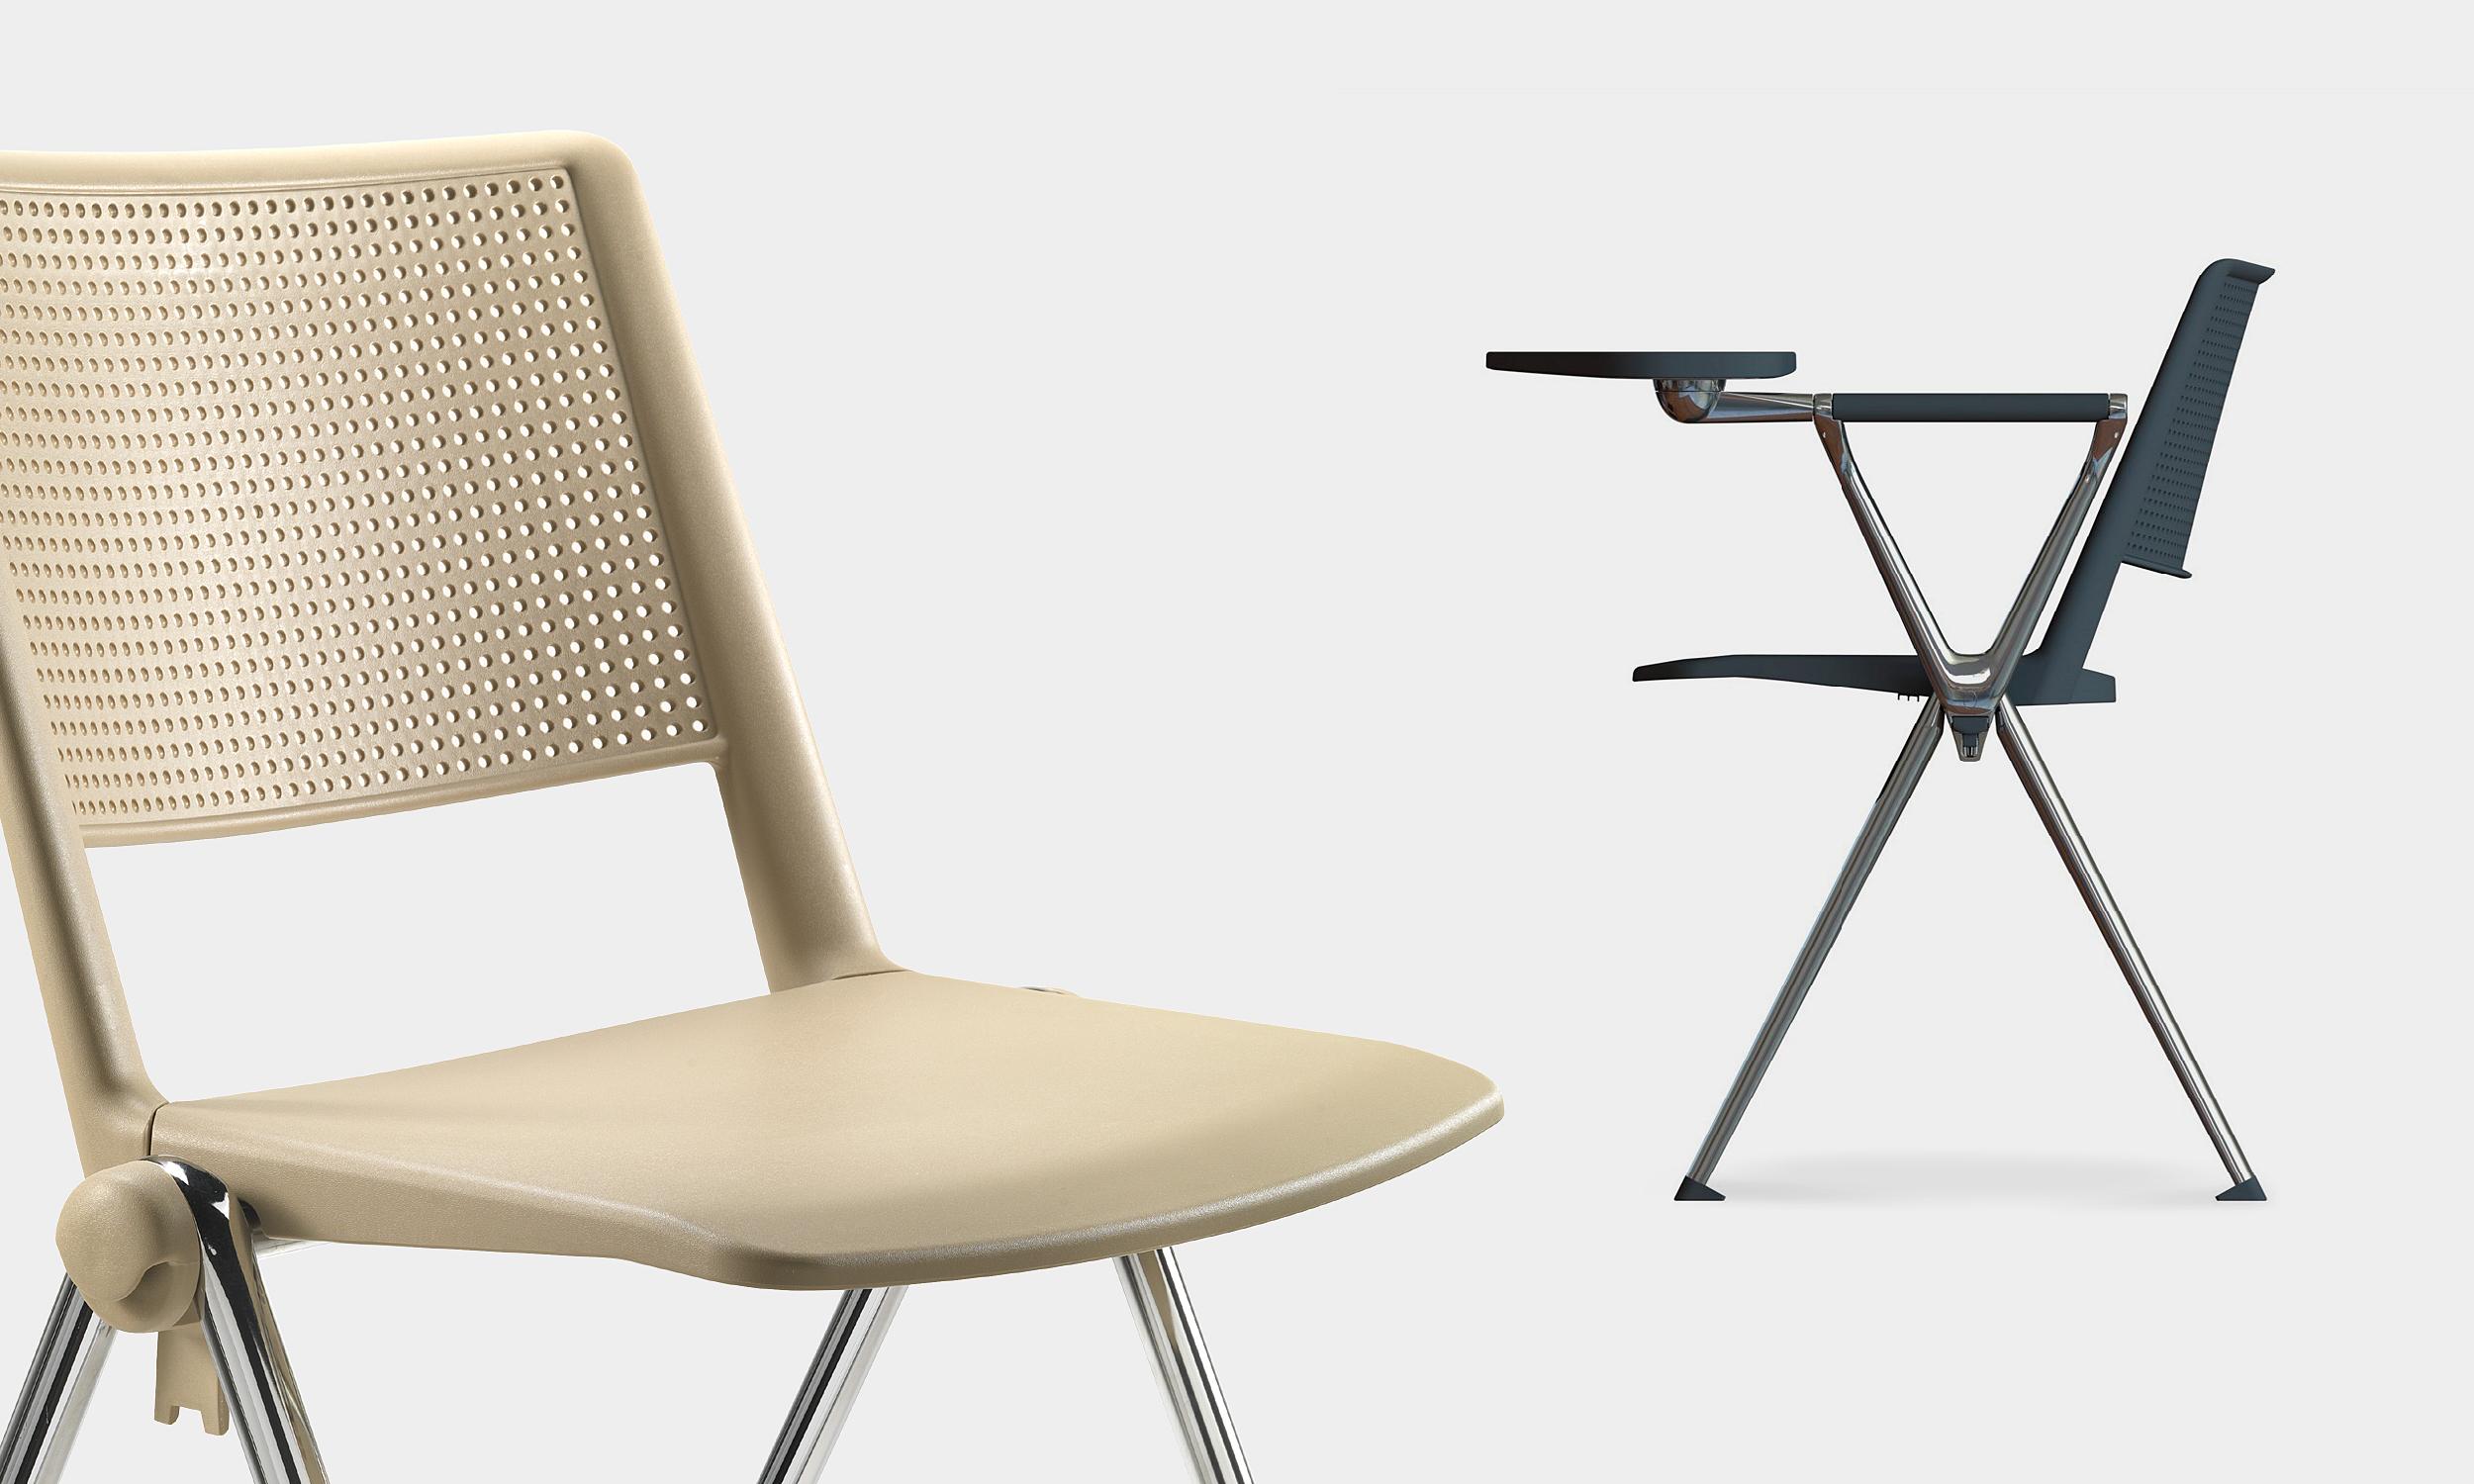 krzesło_Revolution02